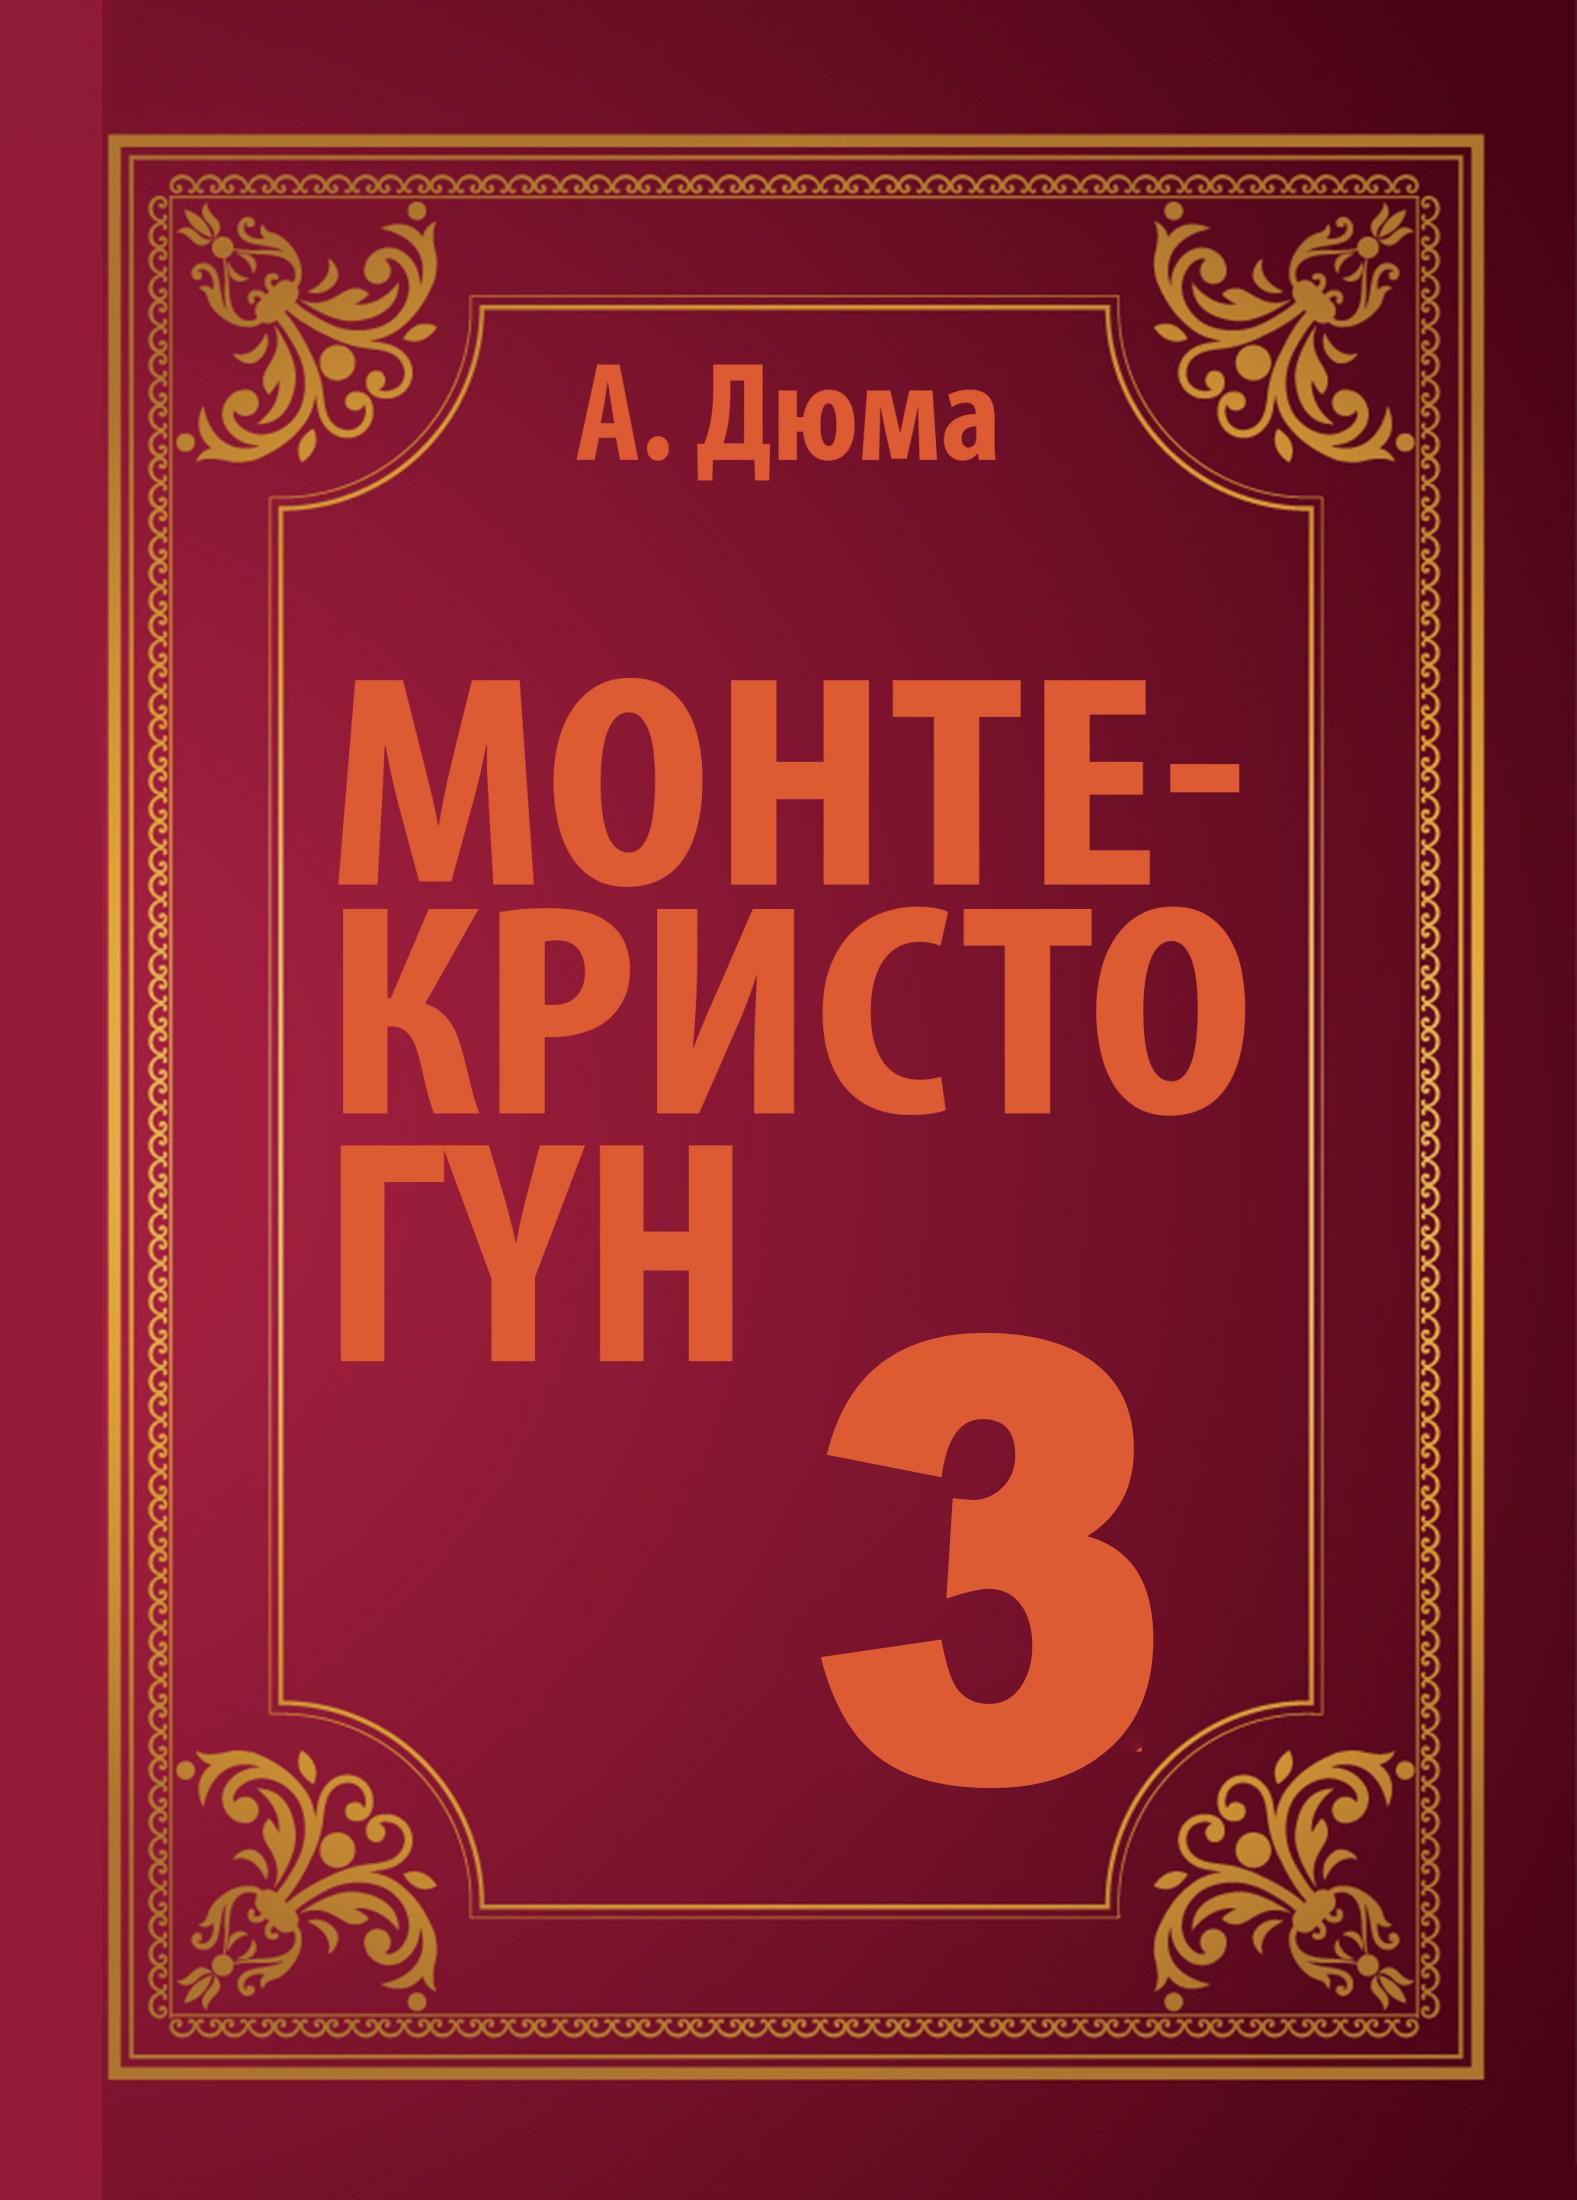 МОНТЕ-КРИСТО ГҮН 3